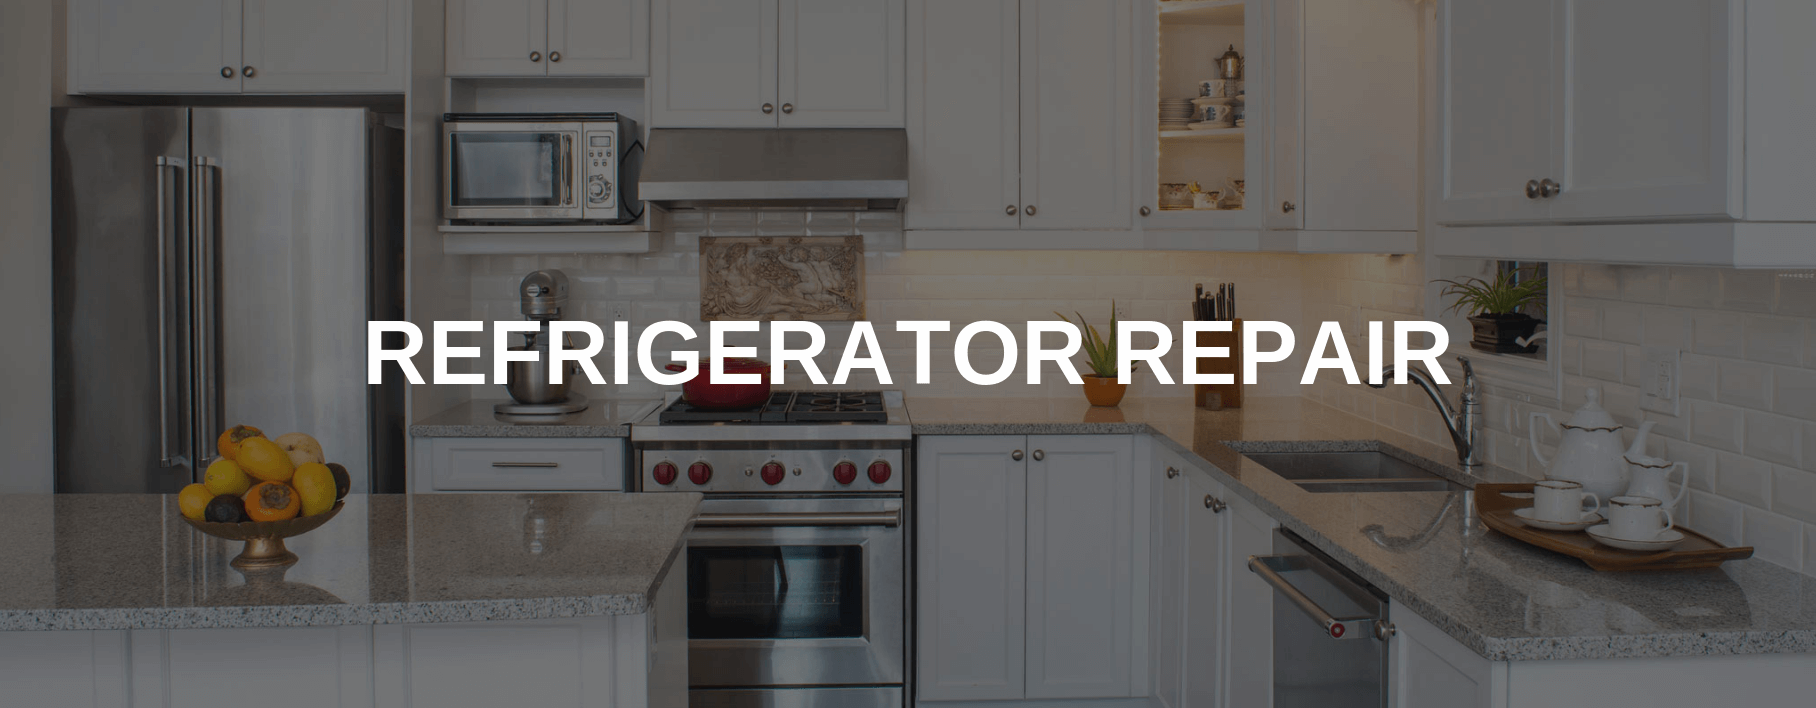 refrigerator repair arlington